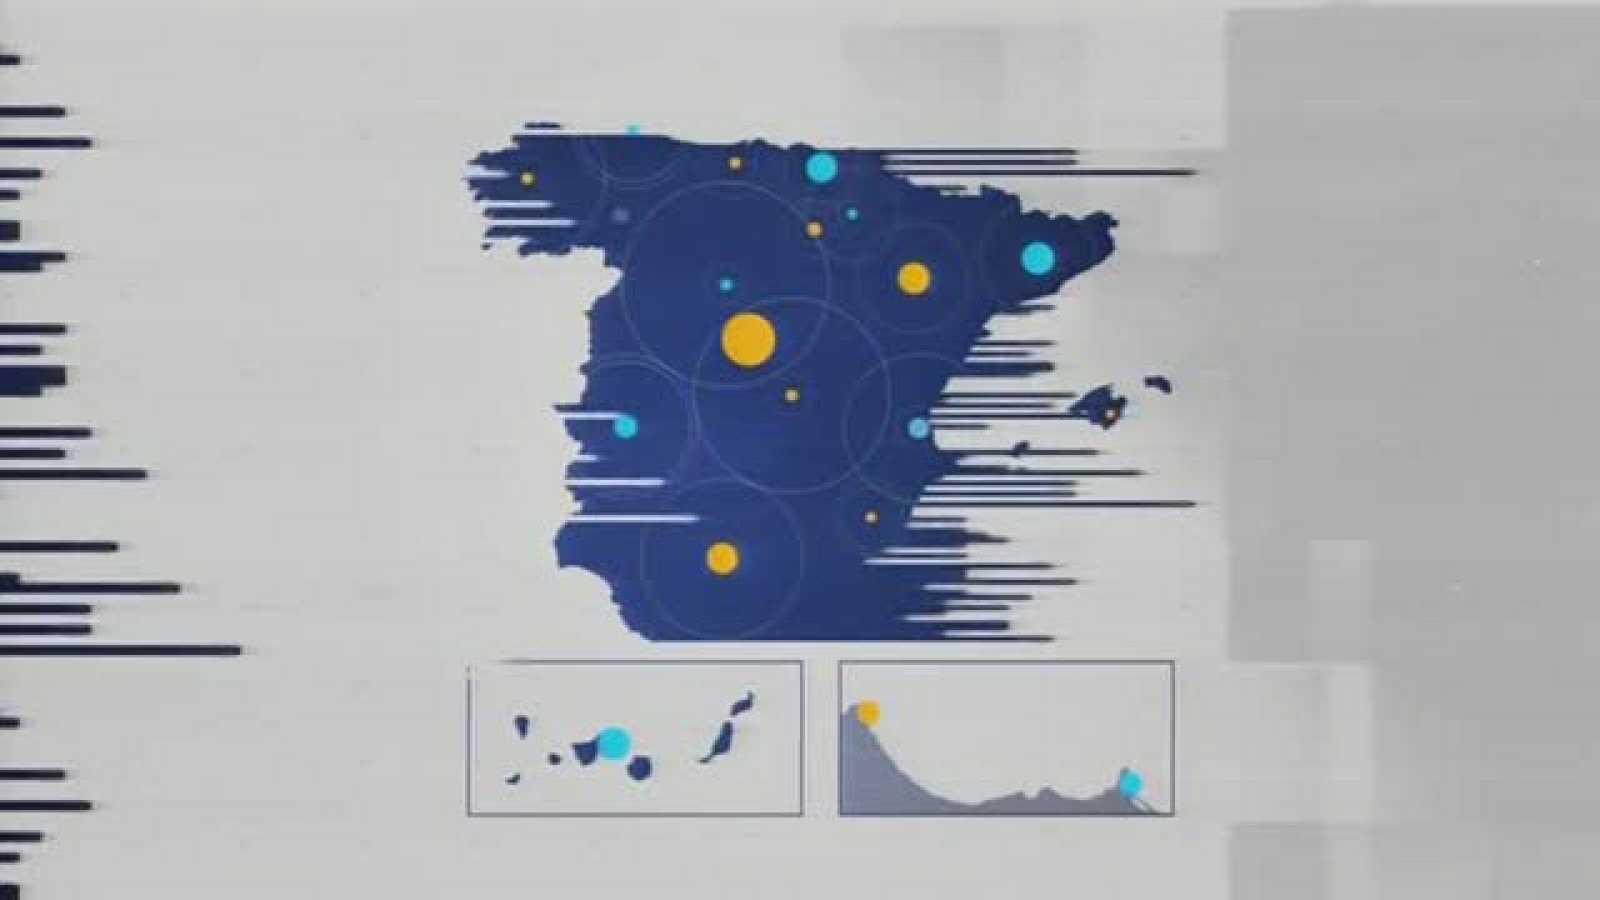 Noticias de Castilla-La Mancha 2 - 25/02/2021 - Ver ahora